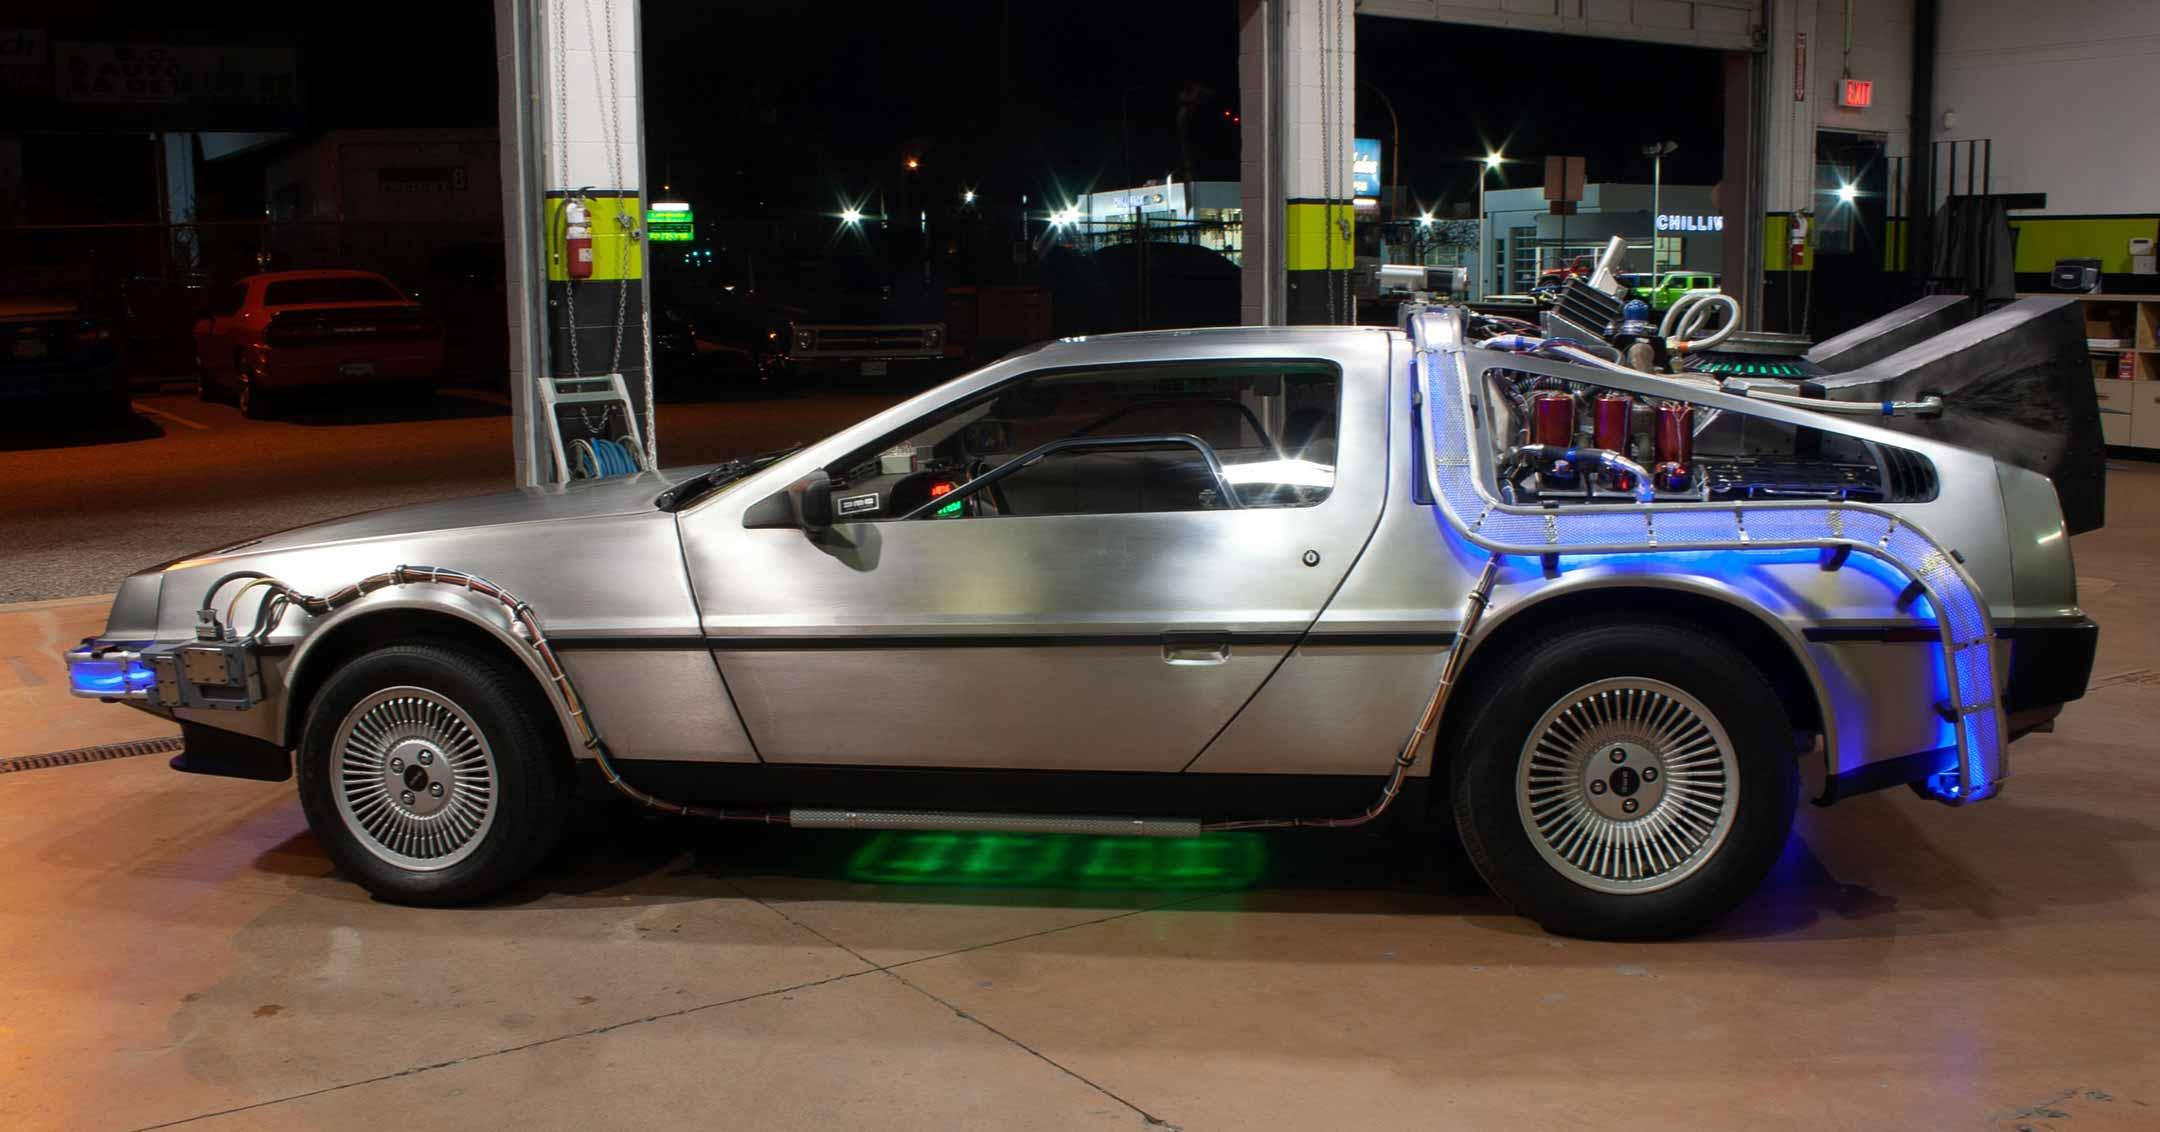 SCEDT26T5DD016978   DeLoreanDirectory.com